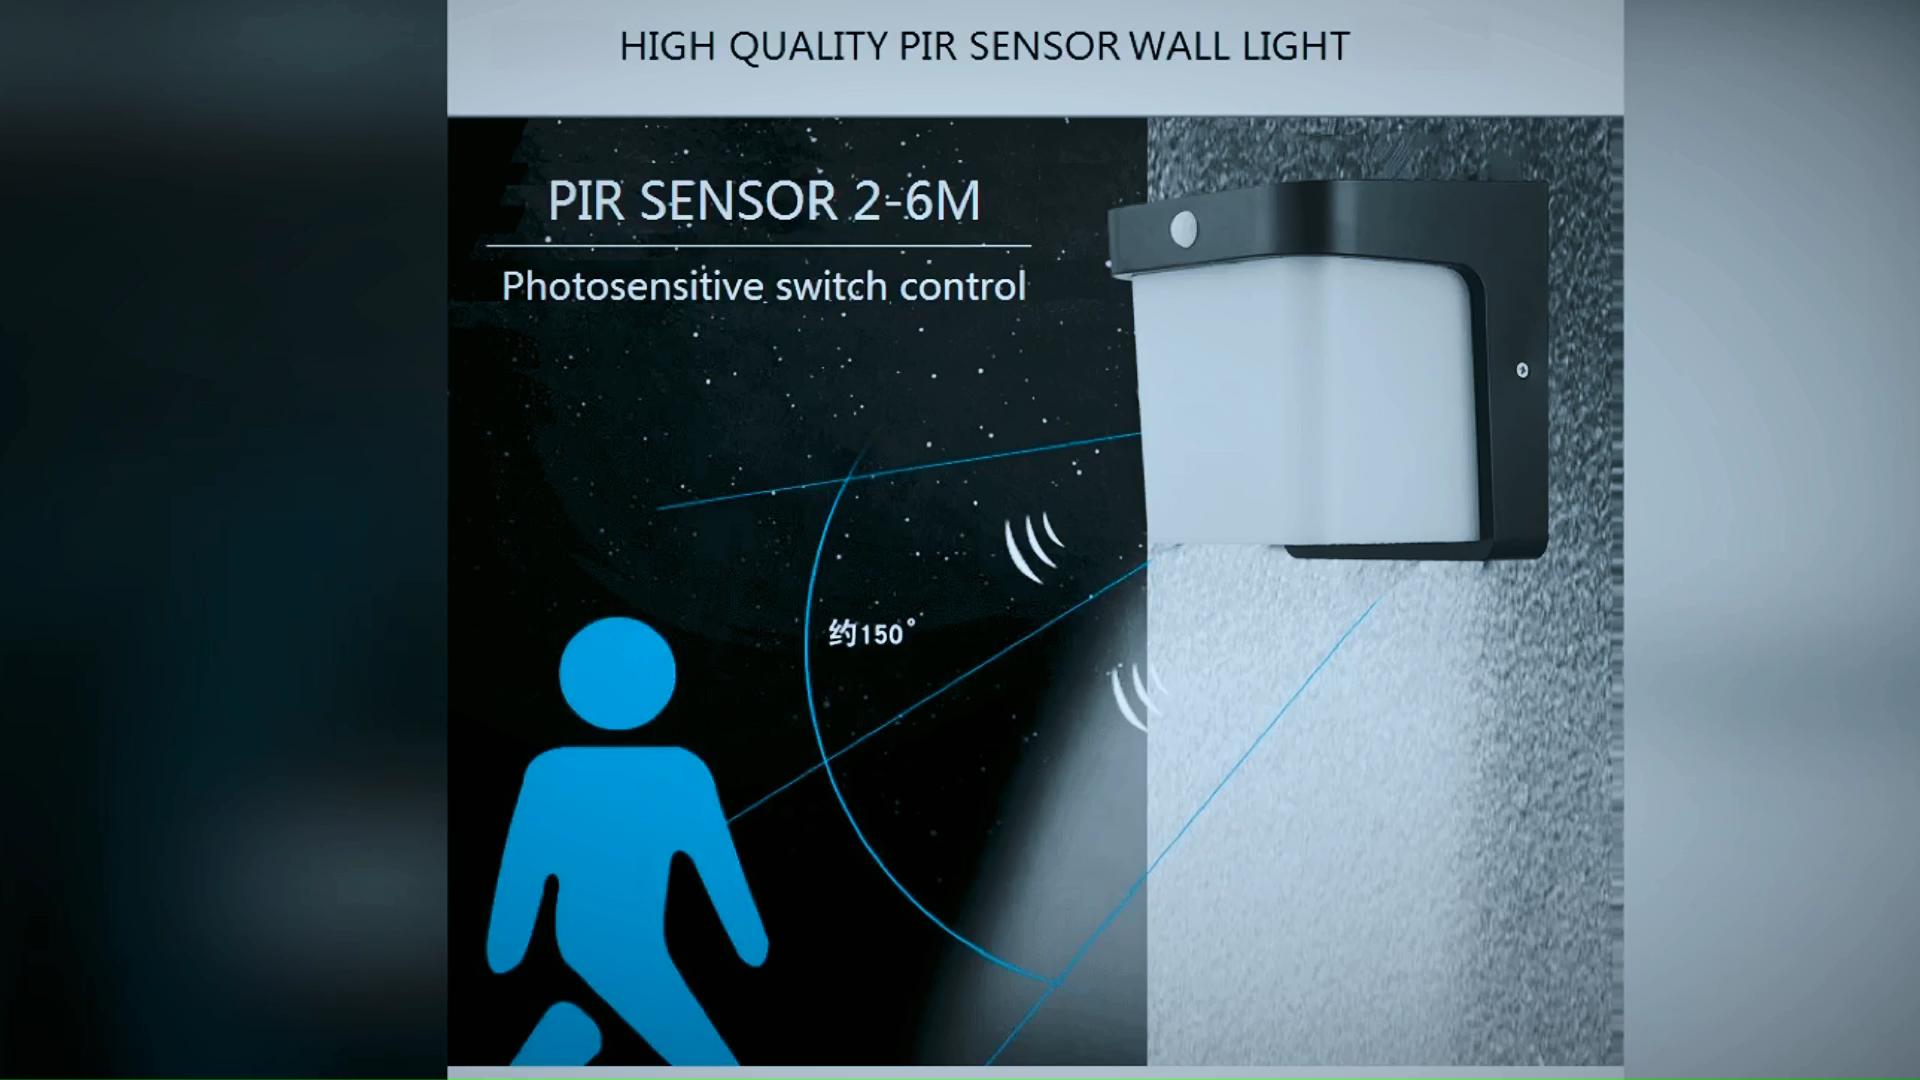 PW1703-E27-PIR акриловый ПК квадратный датчик движения led шаг света E27 патрон датчик движения лампа